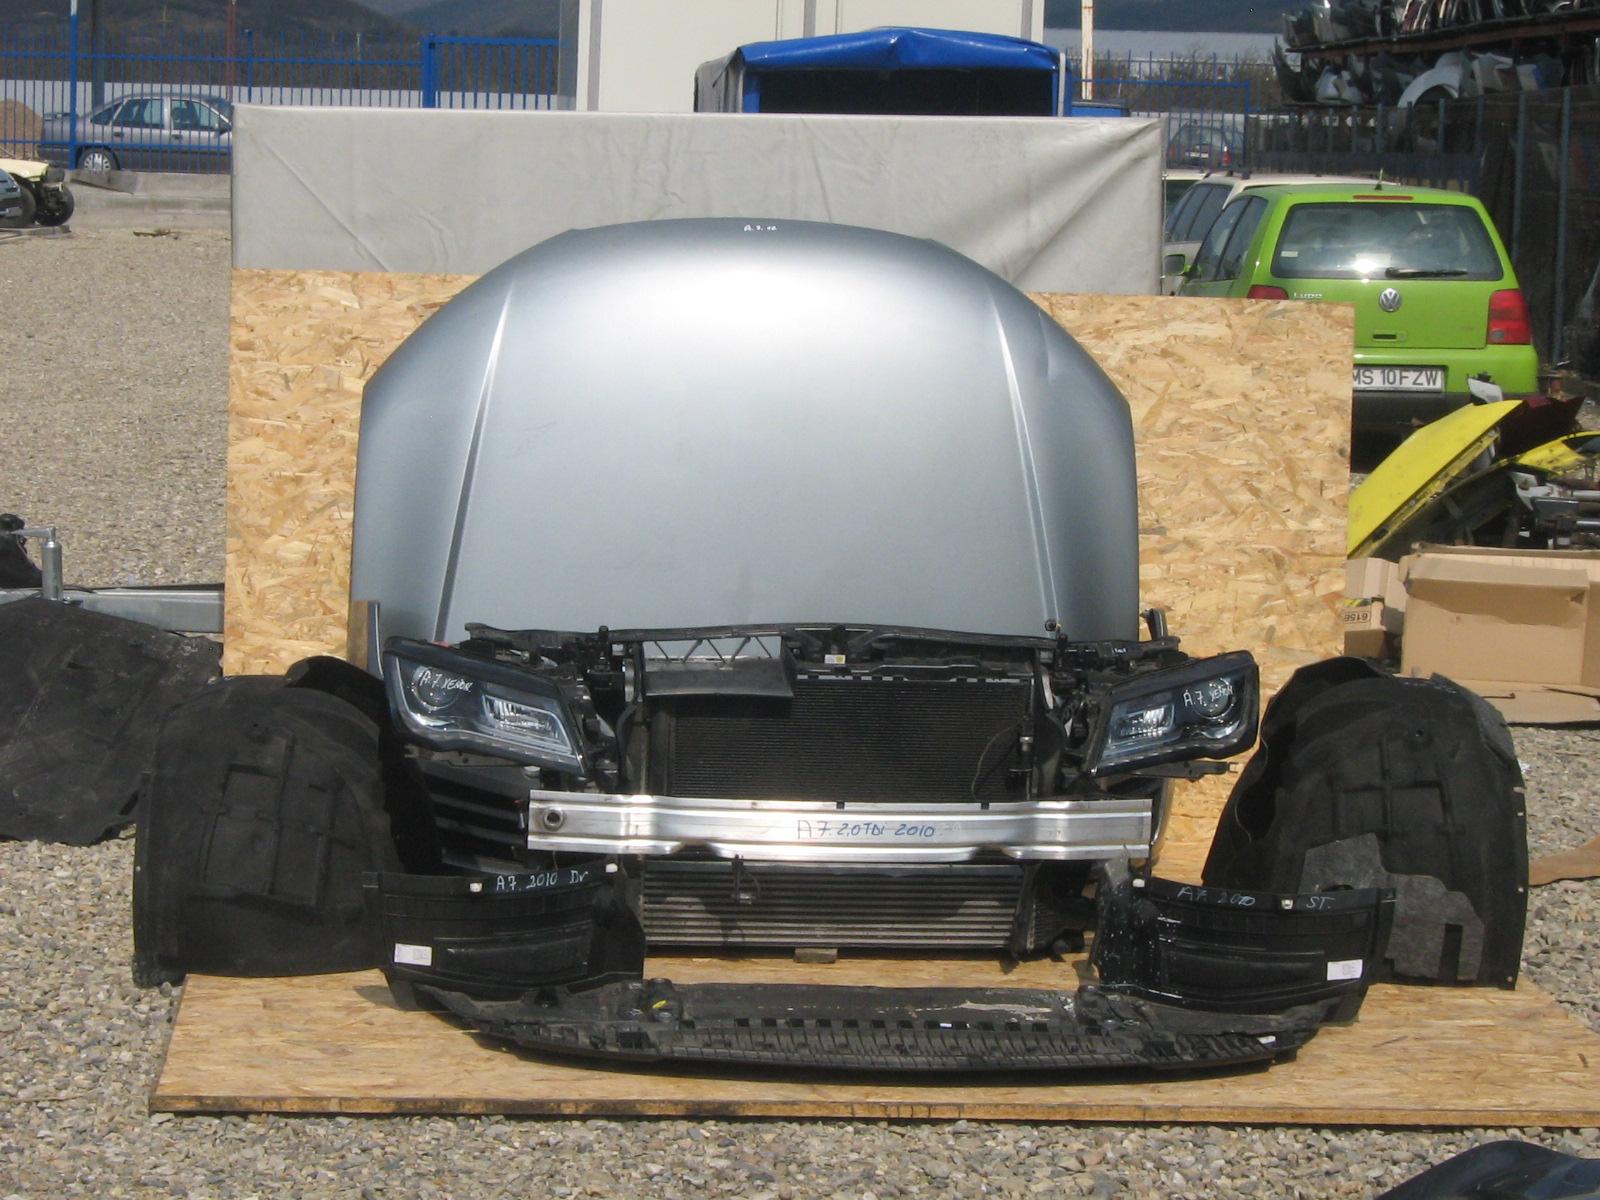 Carenaj aripa fata stanga si Audi A7 - 31 Ianuarie 2012 - Poza 1